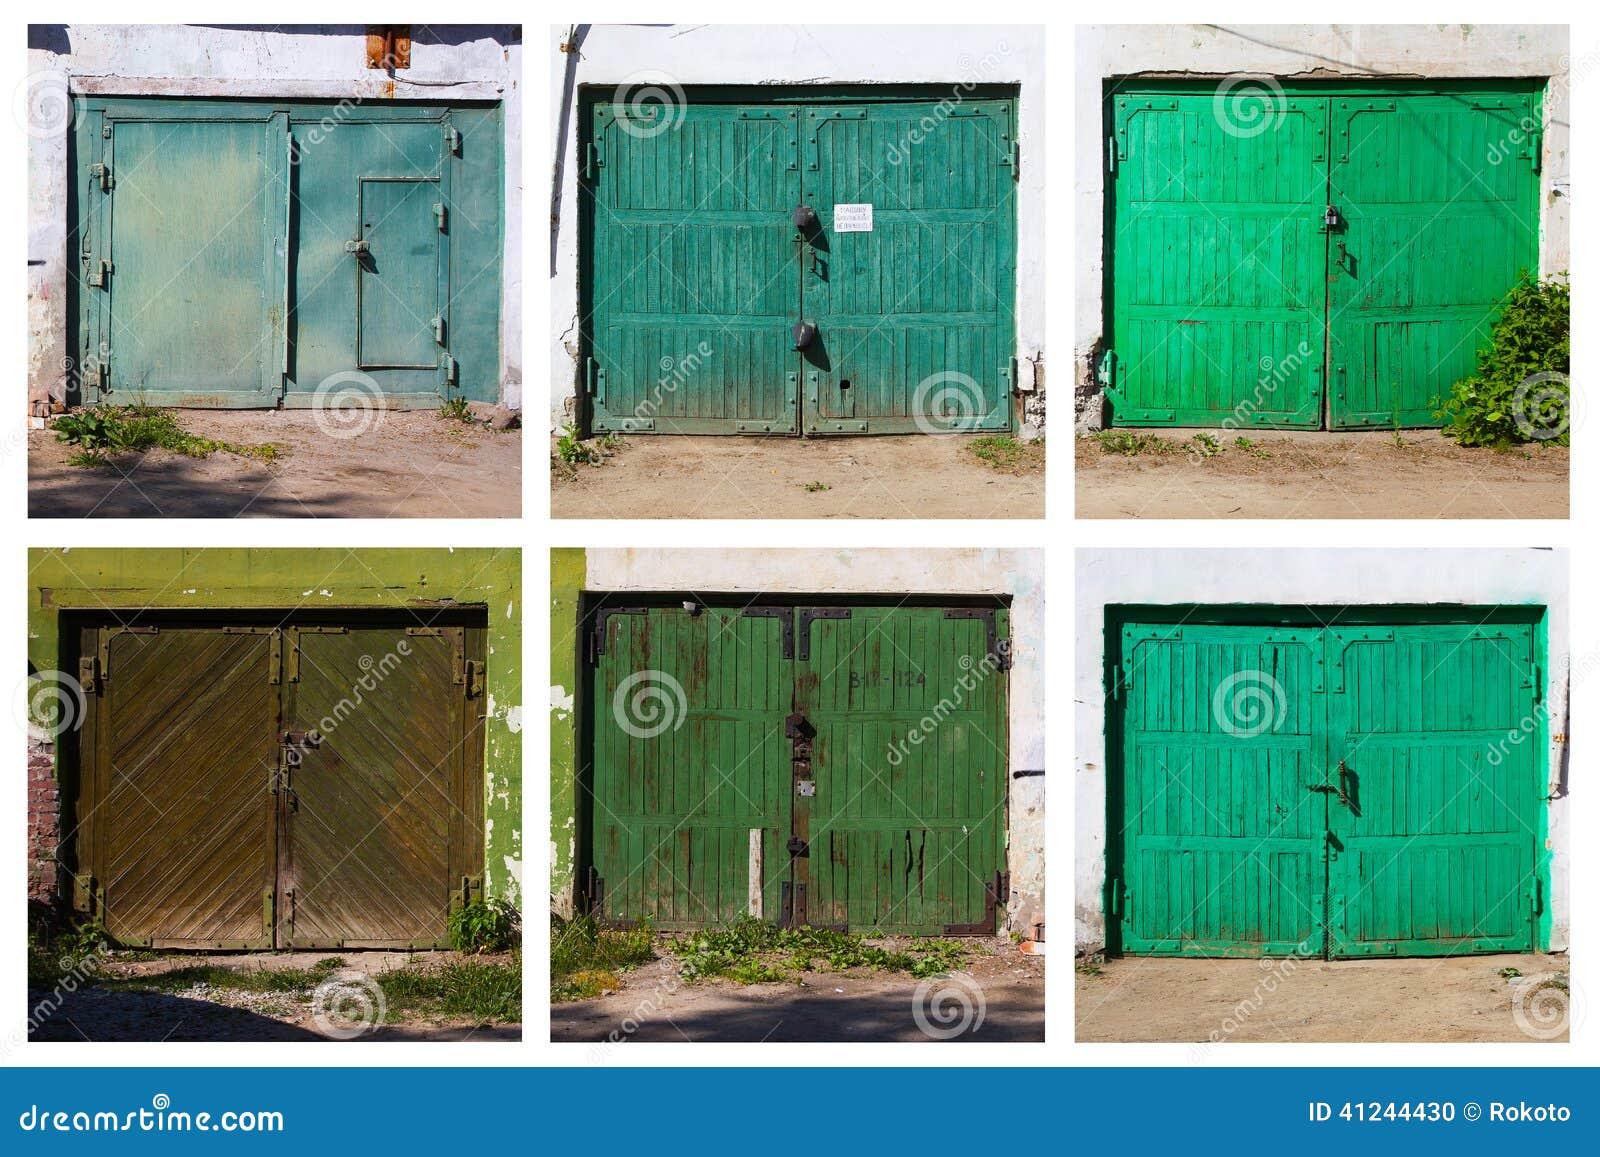 Old Garage Doors : Old garage door six pictures stock photo image